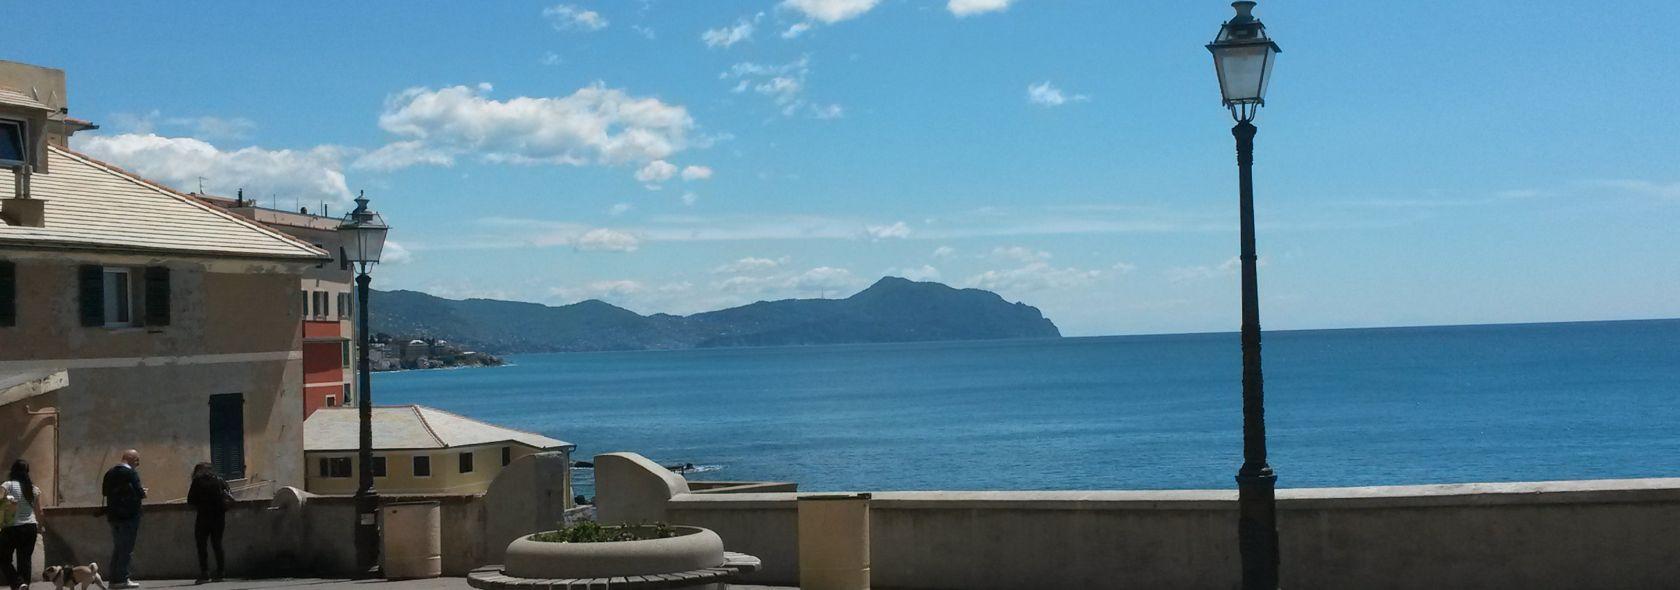 Boccadasse - Vista Panoramica